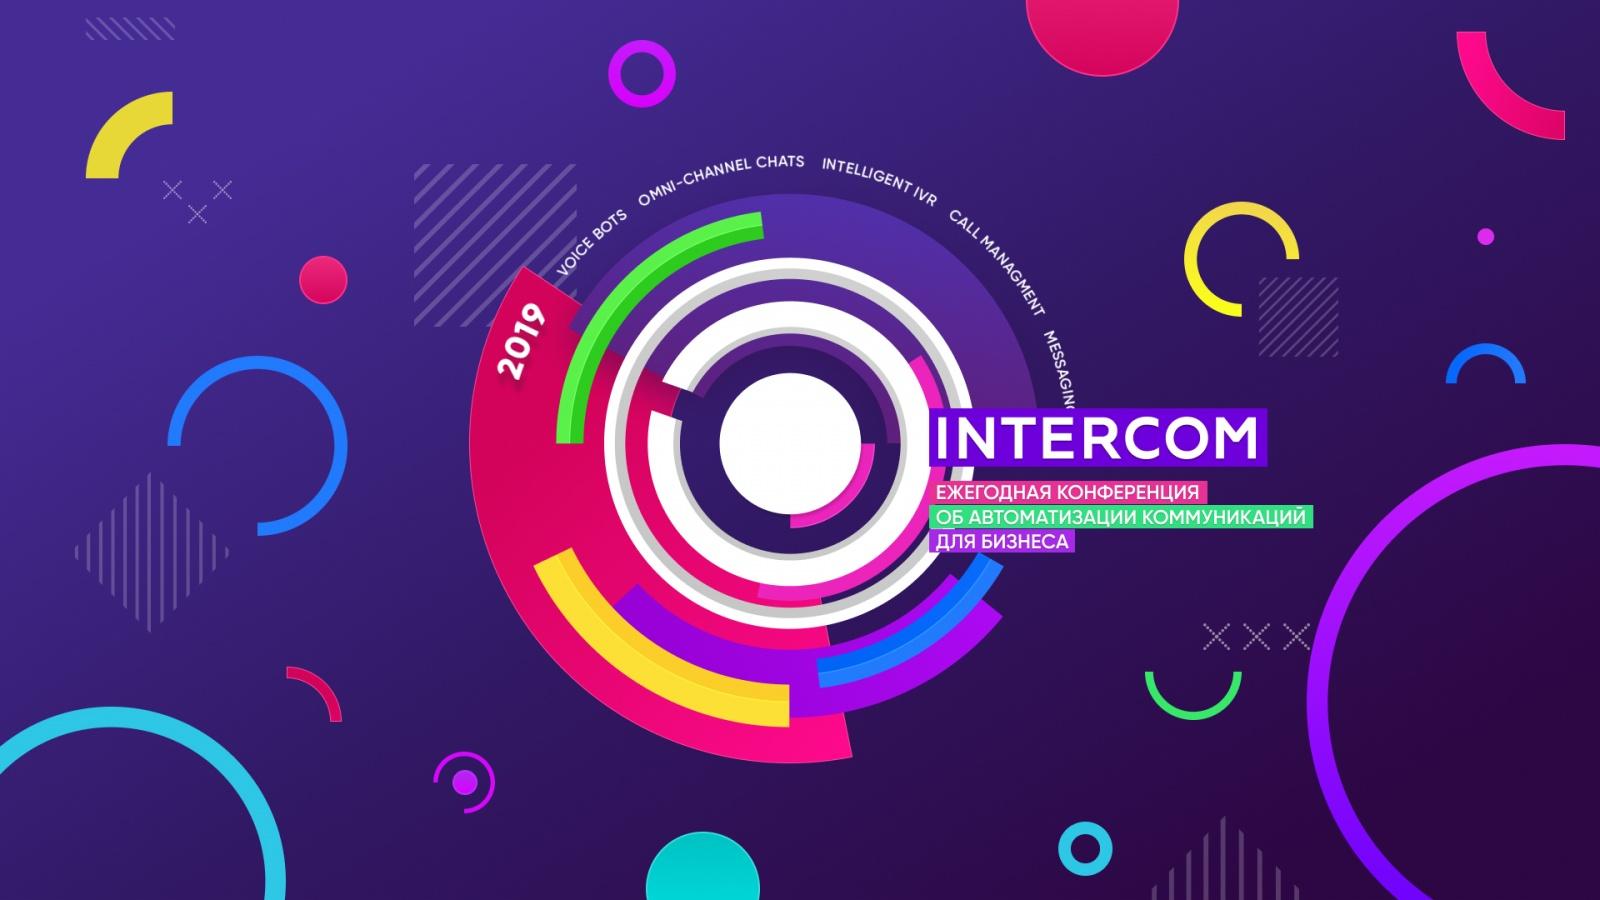 14 ноября пройдет Intercom'19 — конференция об автоматизации коммуникаций от Voximplant - 1